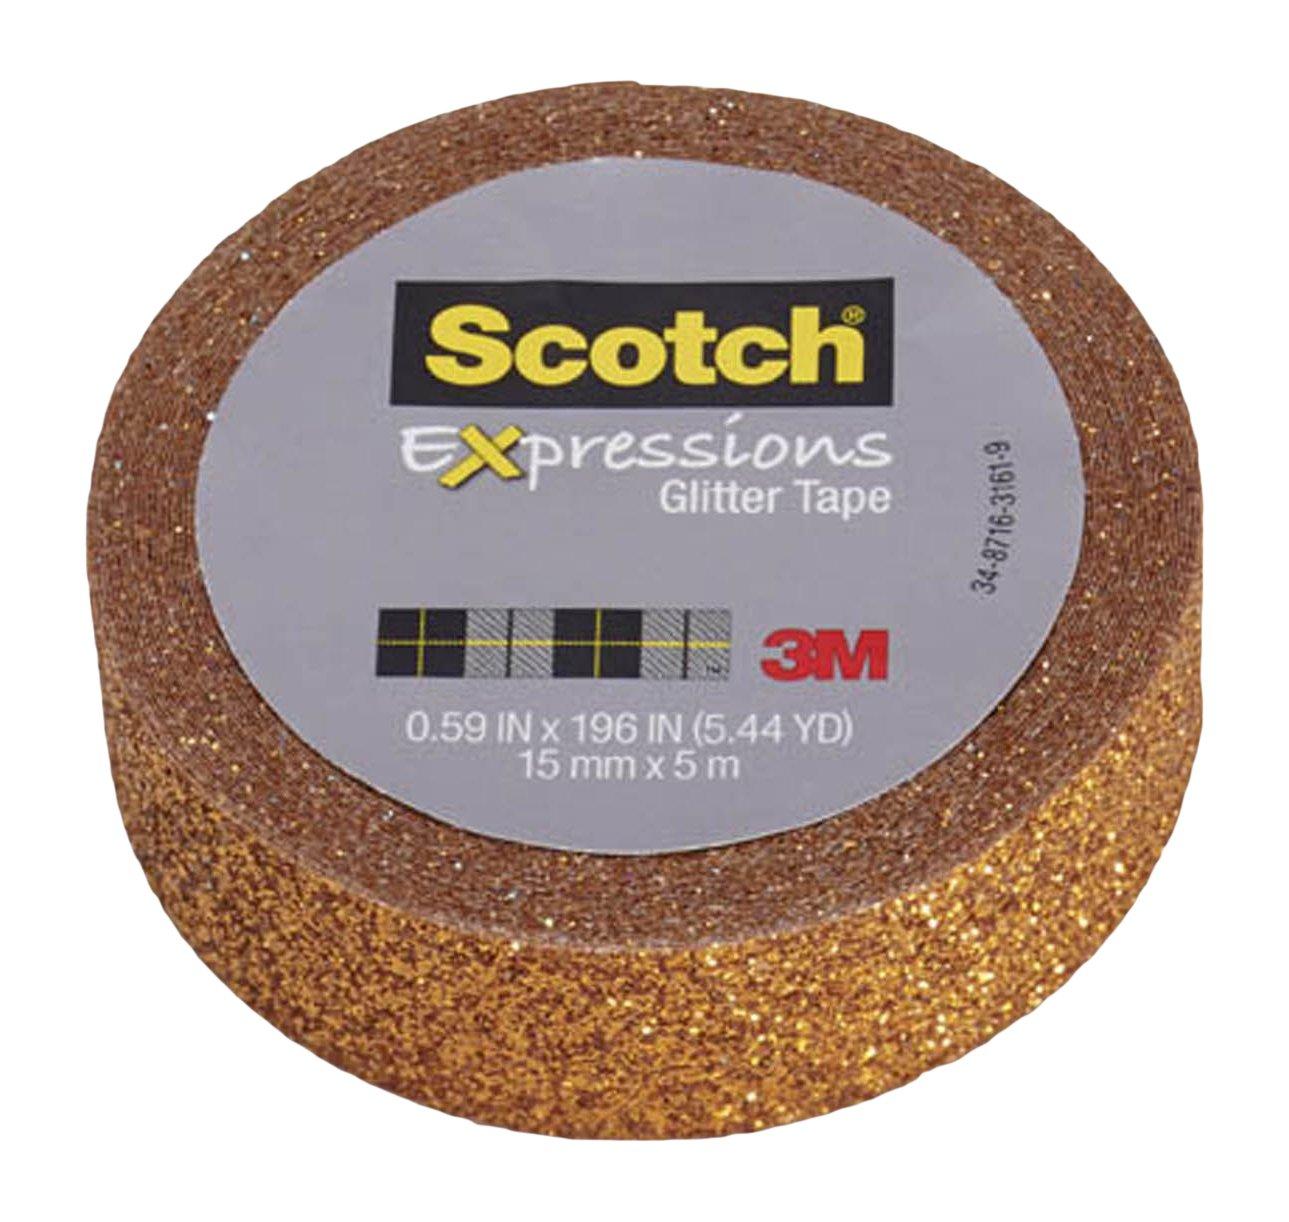 Scotch Expressions Glitter Tape, 0.59 '' x 196 '', Bright Orange, 6 Rolls (C514-ORG)